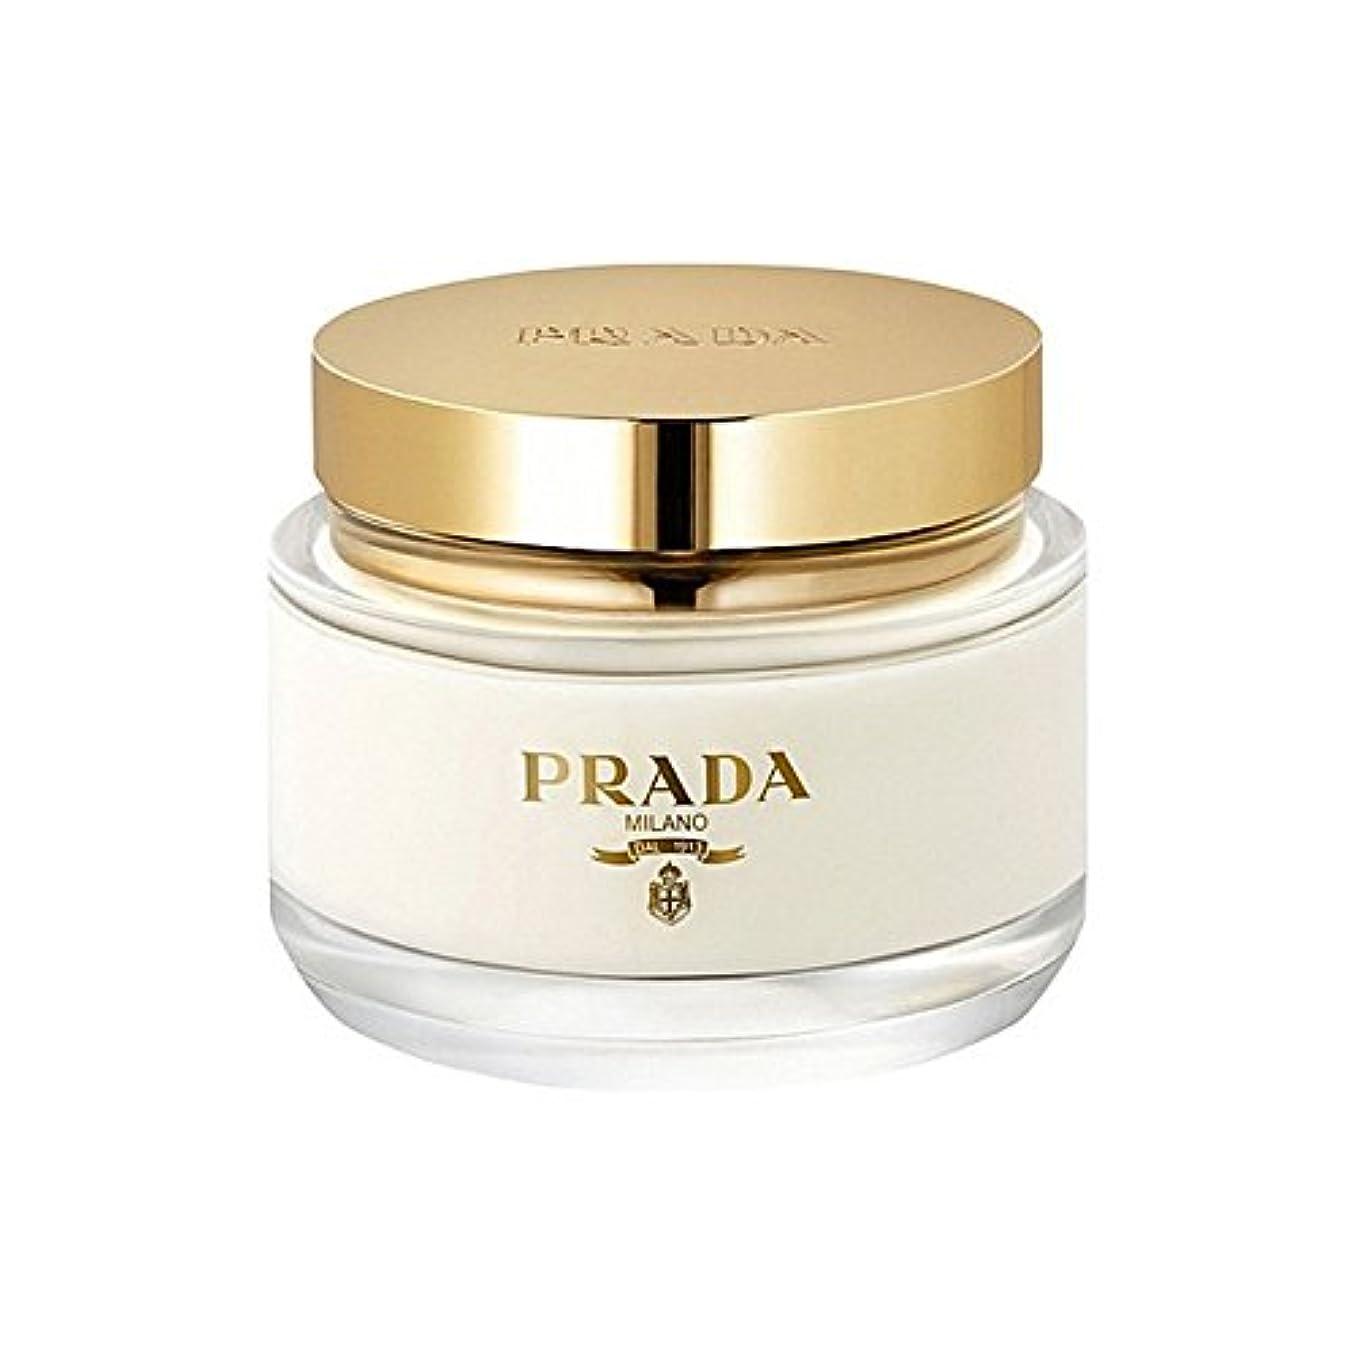 セマフォ火山秘書プラダラファムボディクリーム200ミリリットル x2 - Prada La Femme Body Cream 200ml (Pack of 2) [並行輸入品]